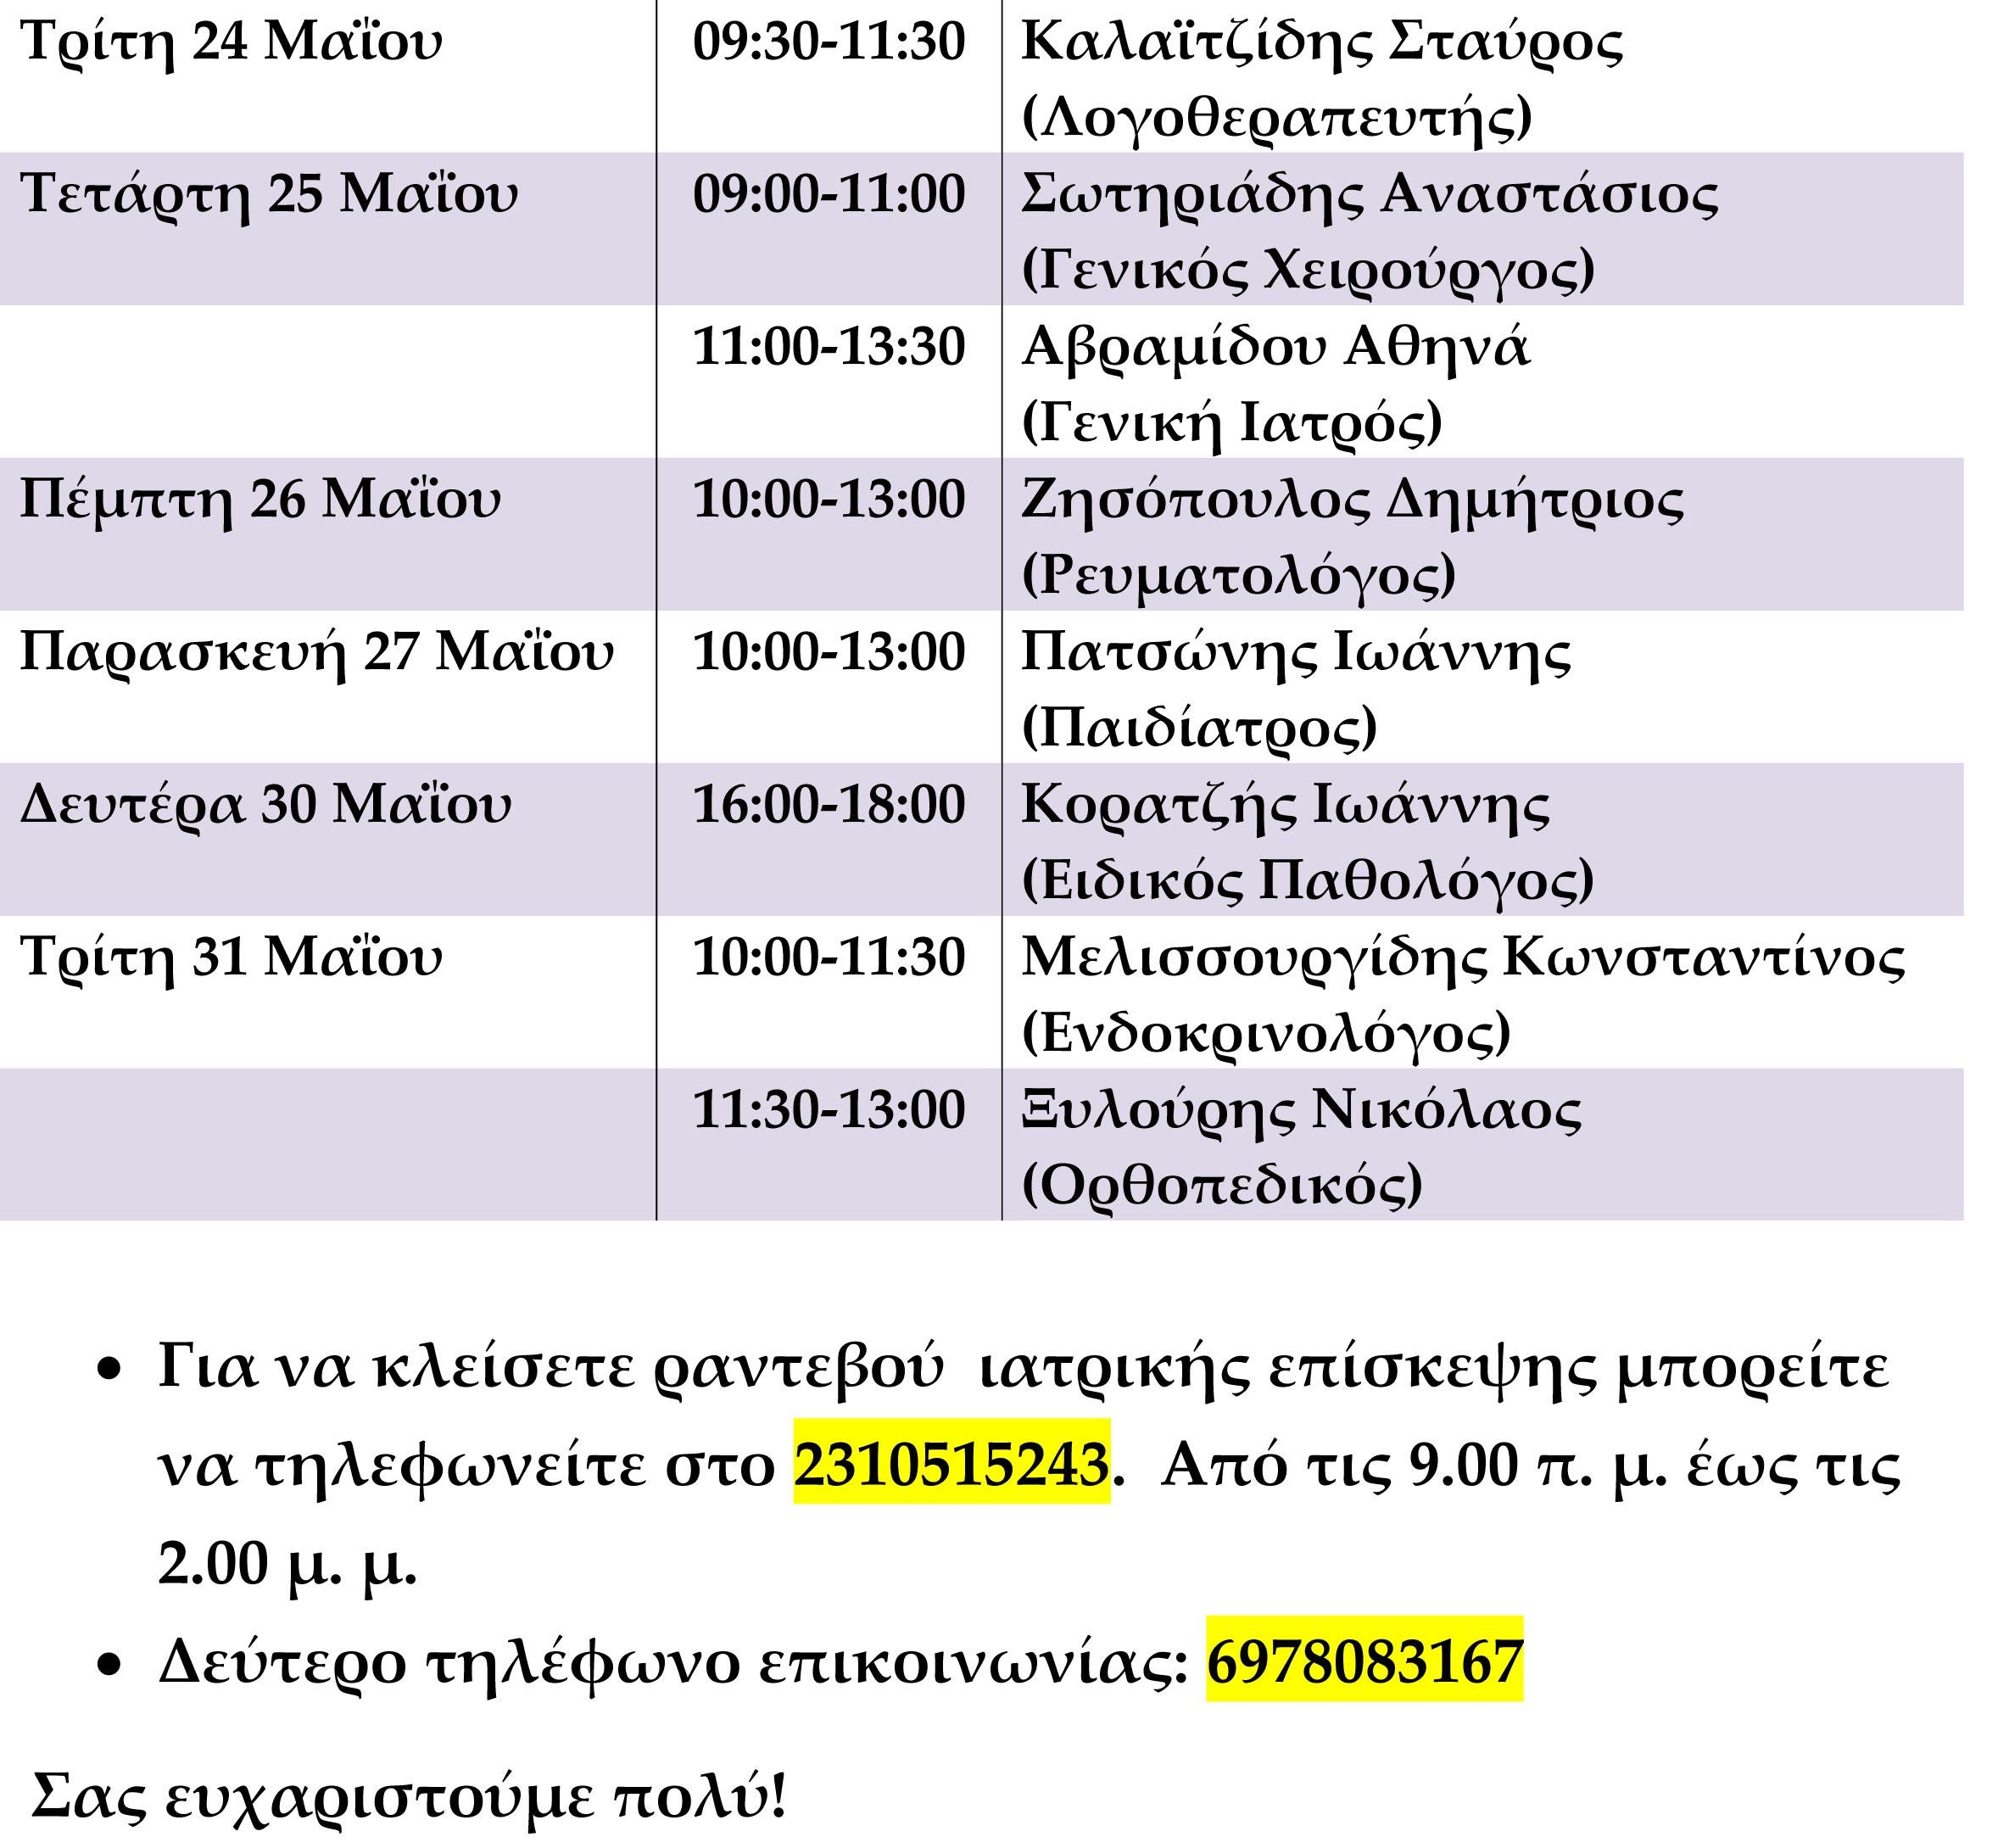 Πρόγραμμα Μαϊου 2016-2